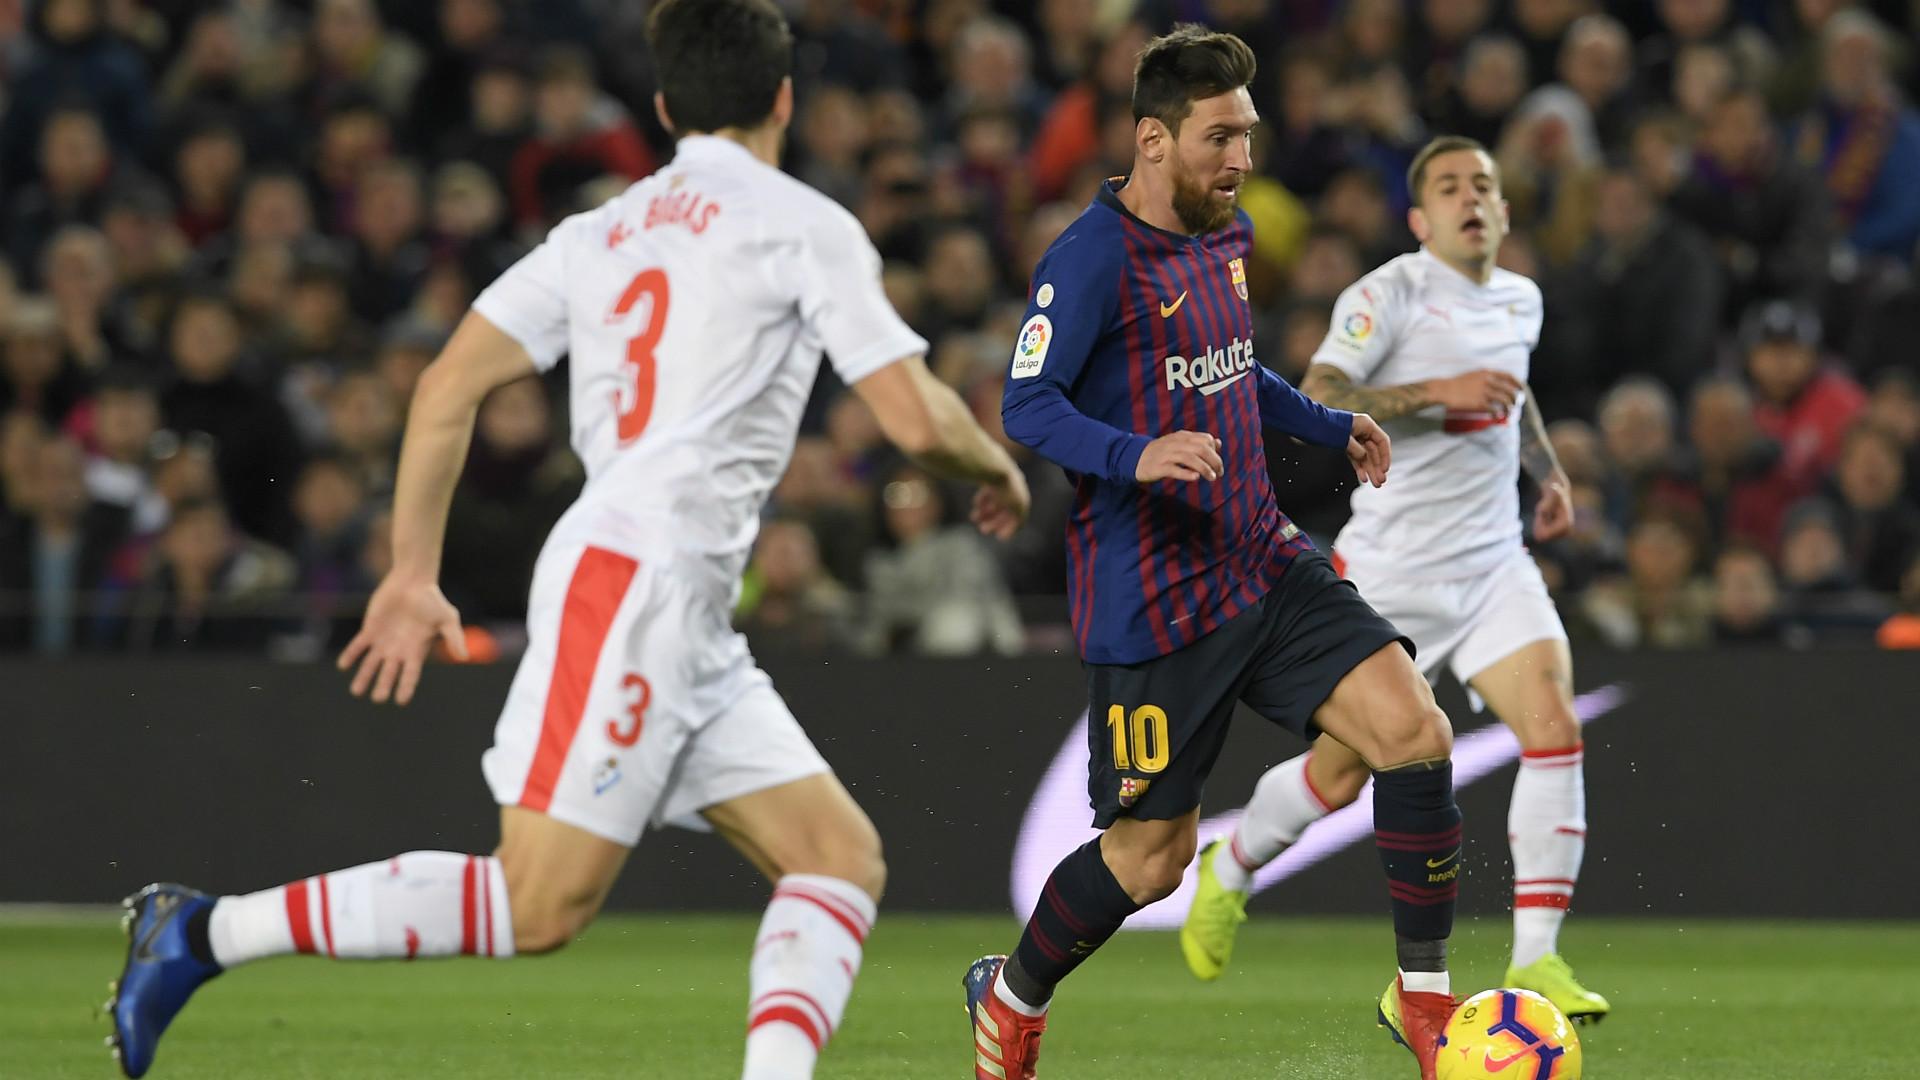 barcelone v eibar r u00e9sum u00e9 du match  13  01  2019  primera